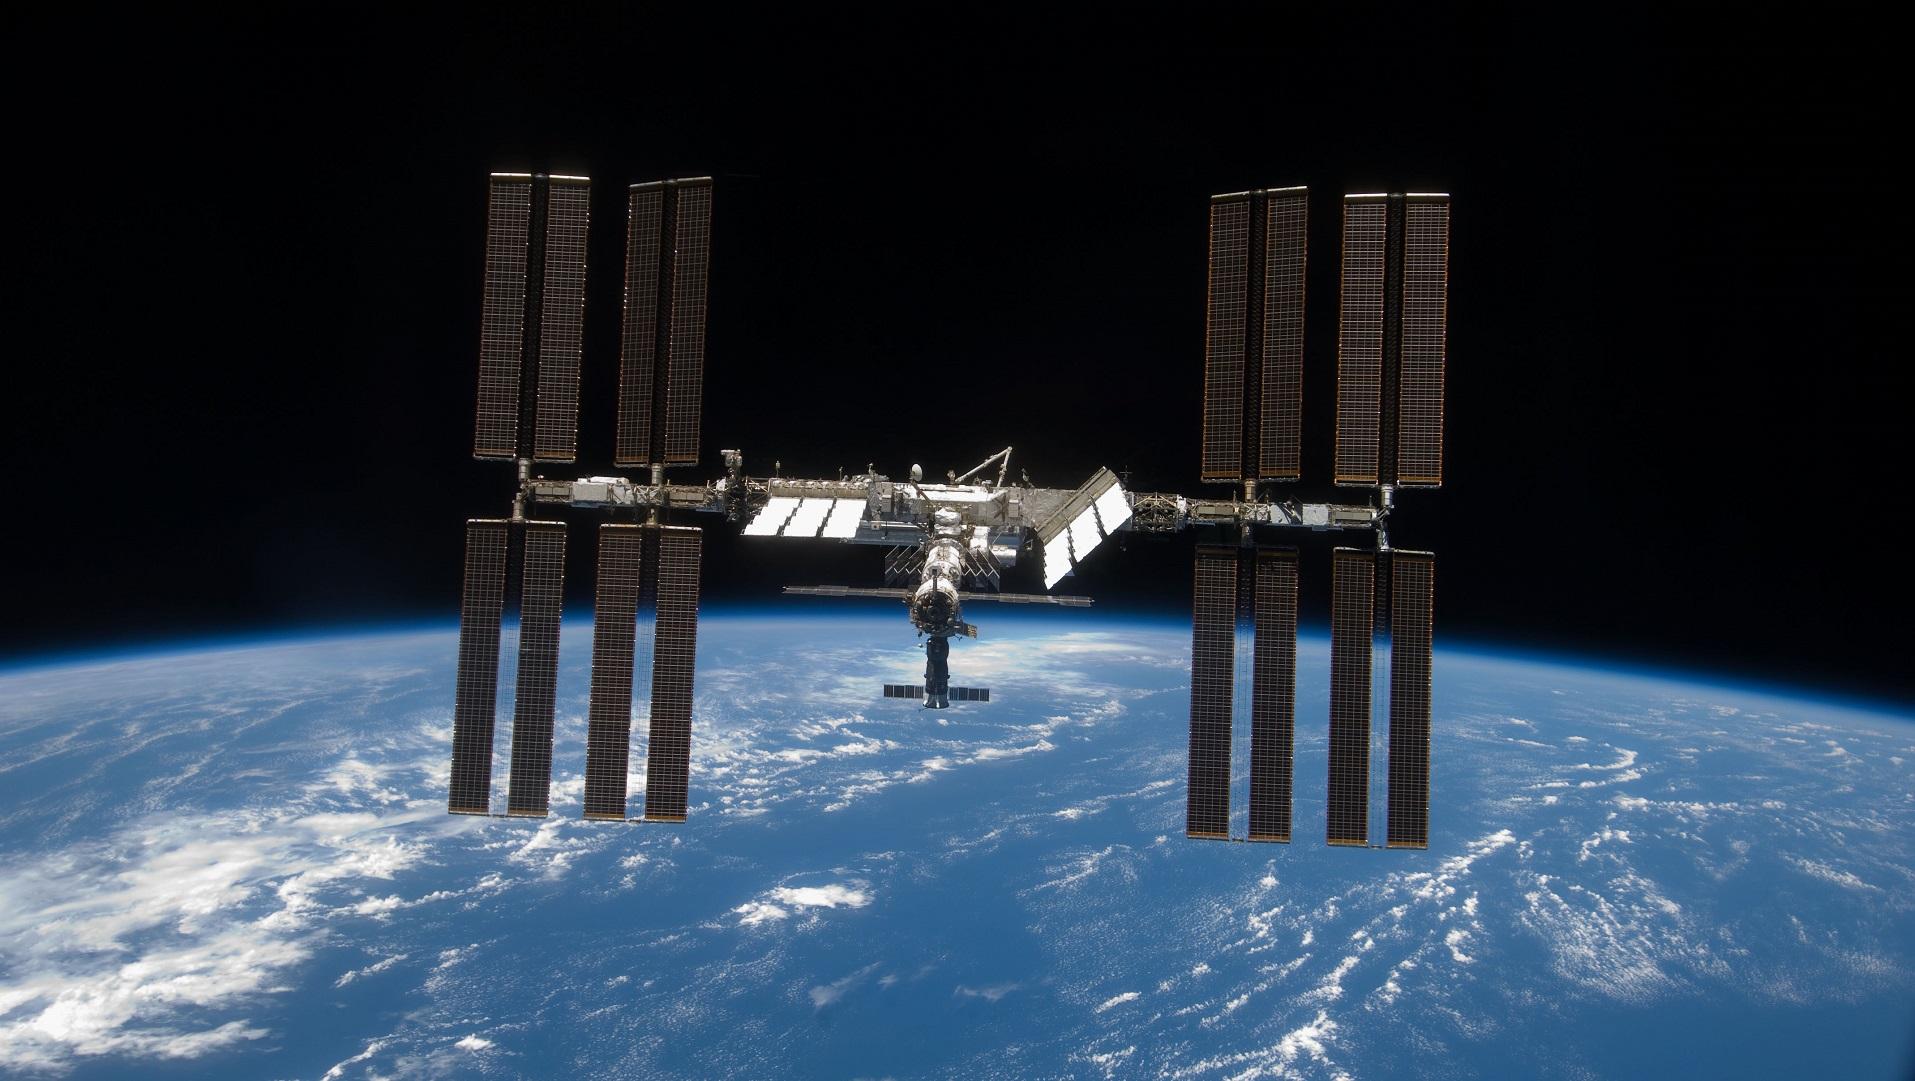 La NASA quiere incentivar la aparición de estaciones espaciales privadas